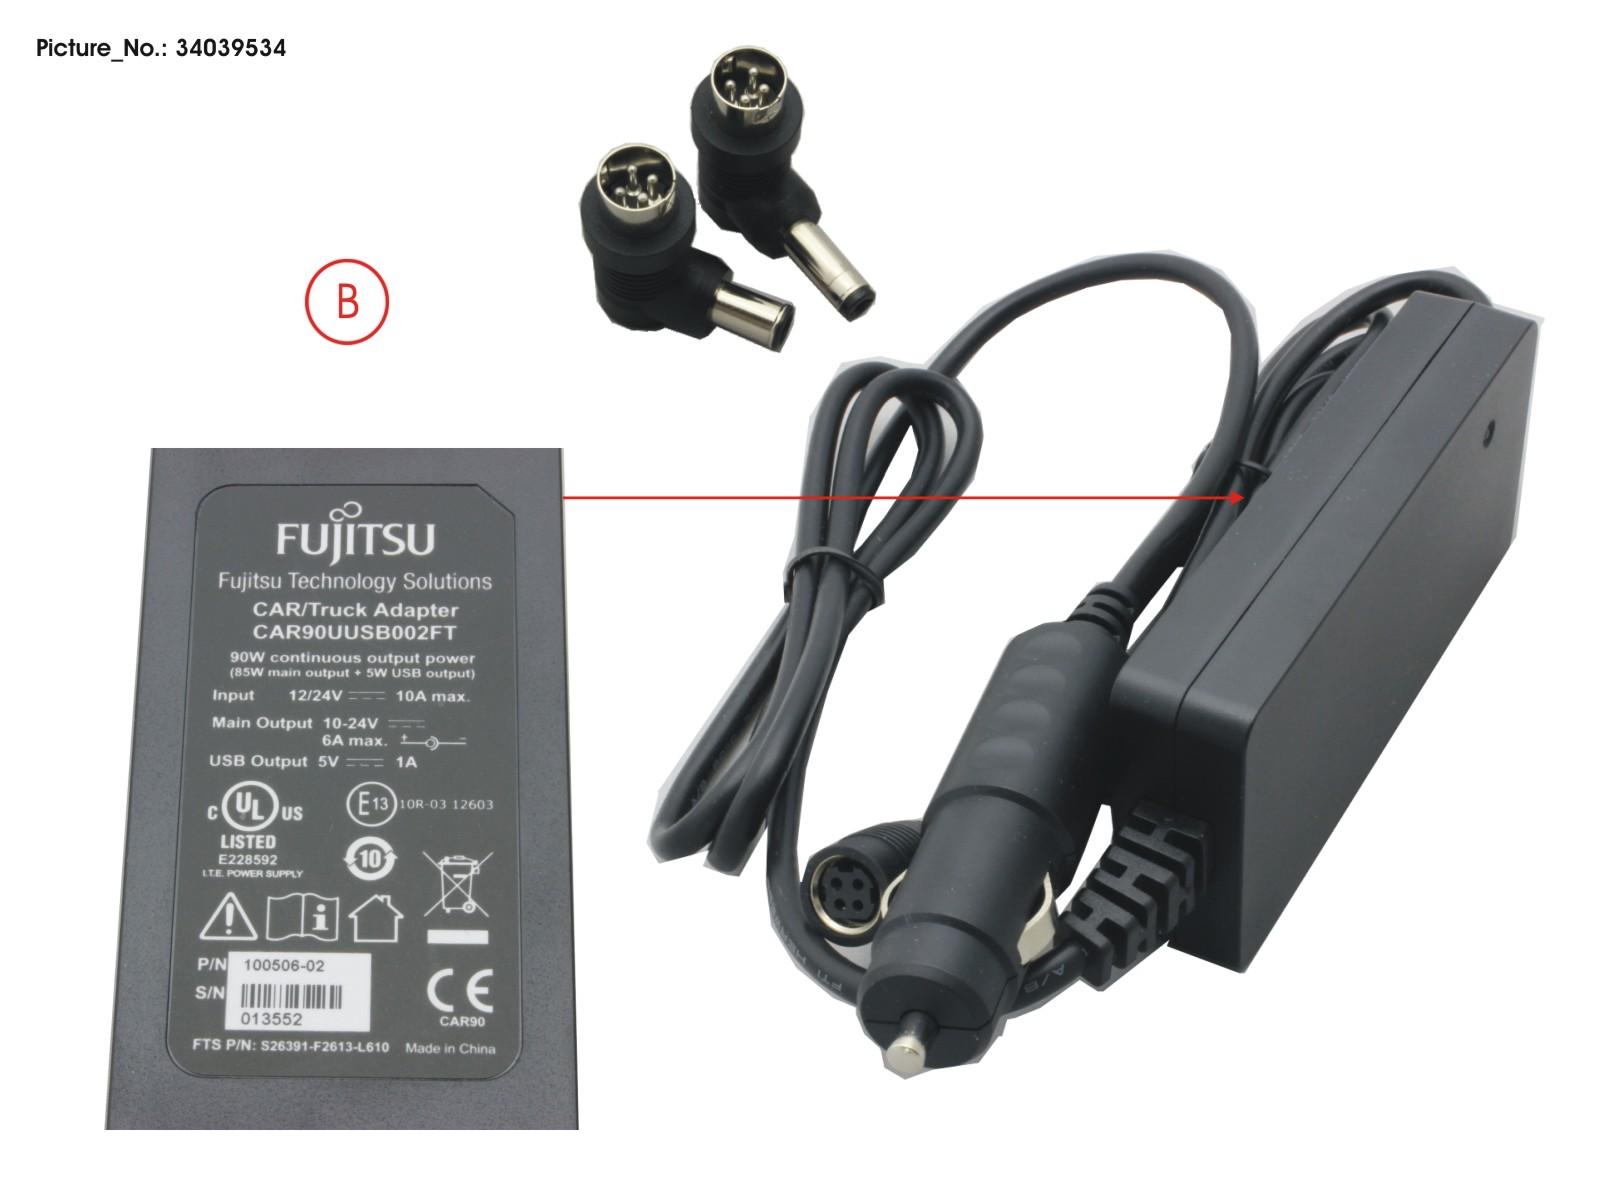 Car Truck Power Adapter 90original Fujitsu Spare Parts For Primergy Supply Adaptor 24v 6a 90